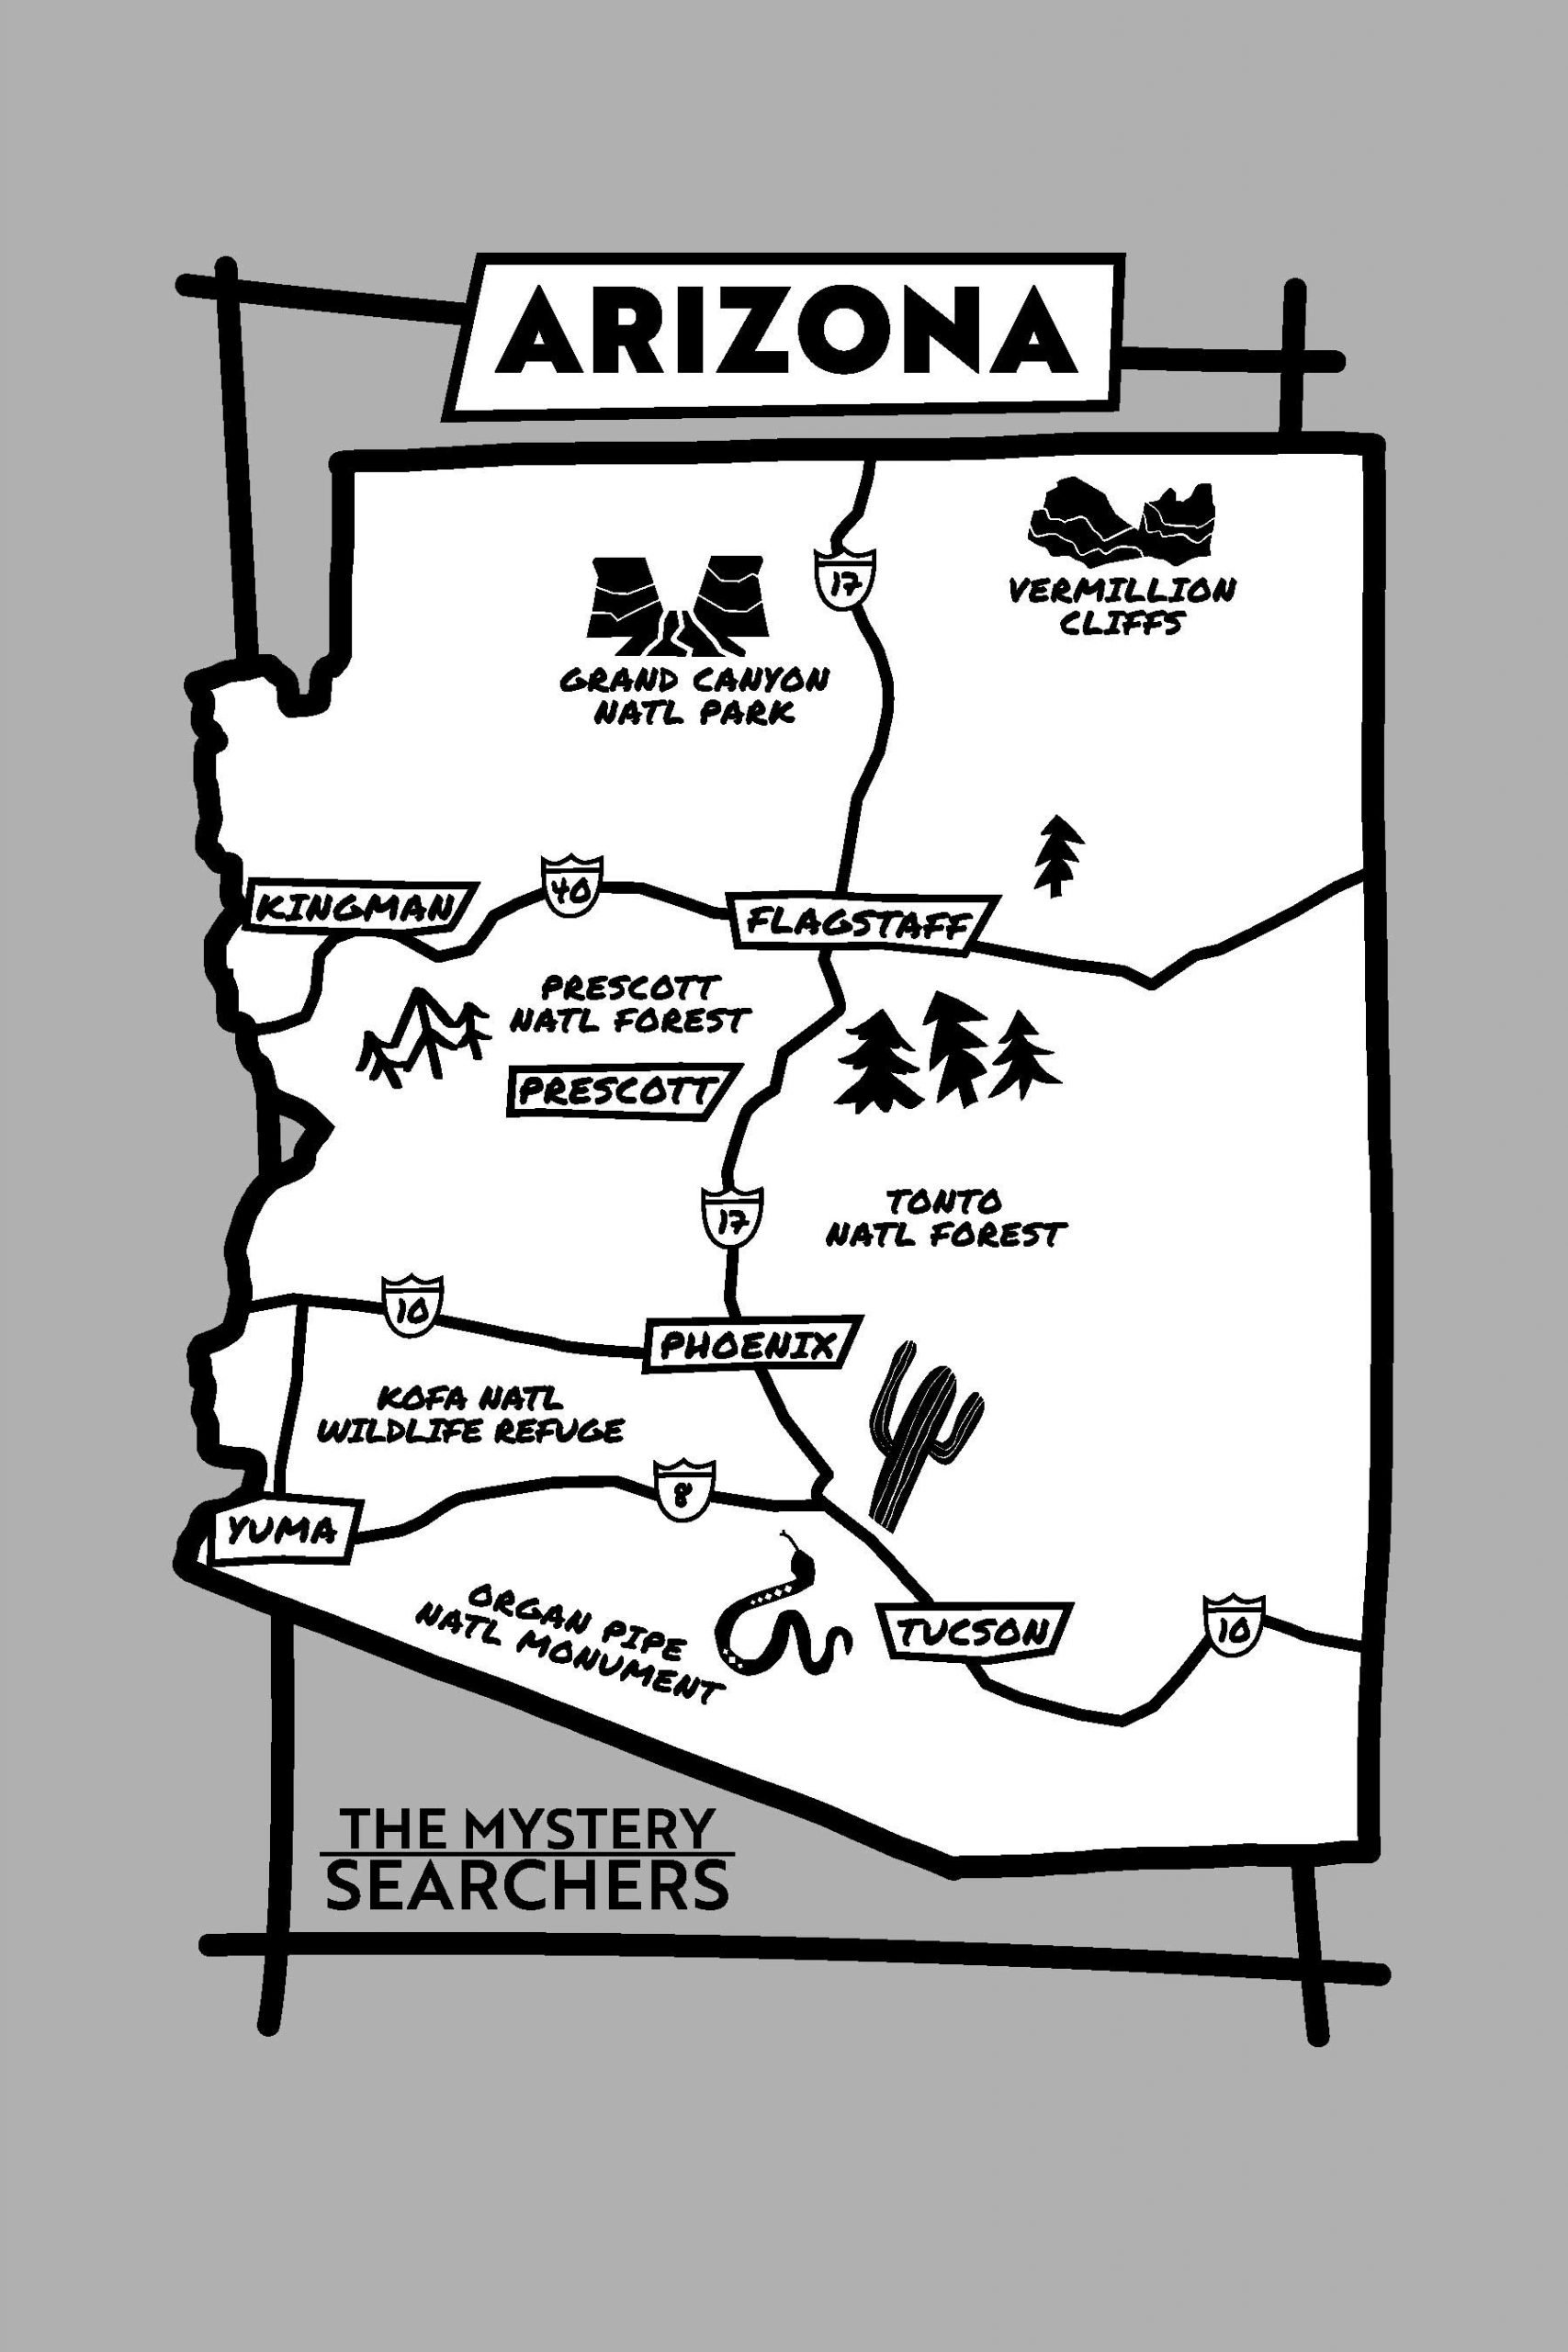 Mystery Searchers - Arizona Map